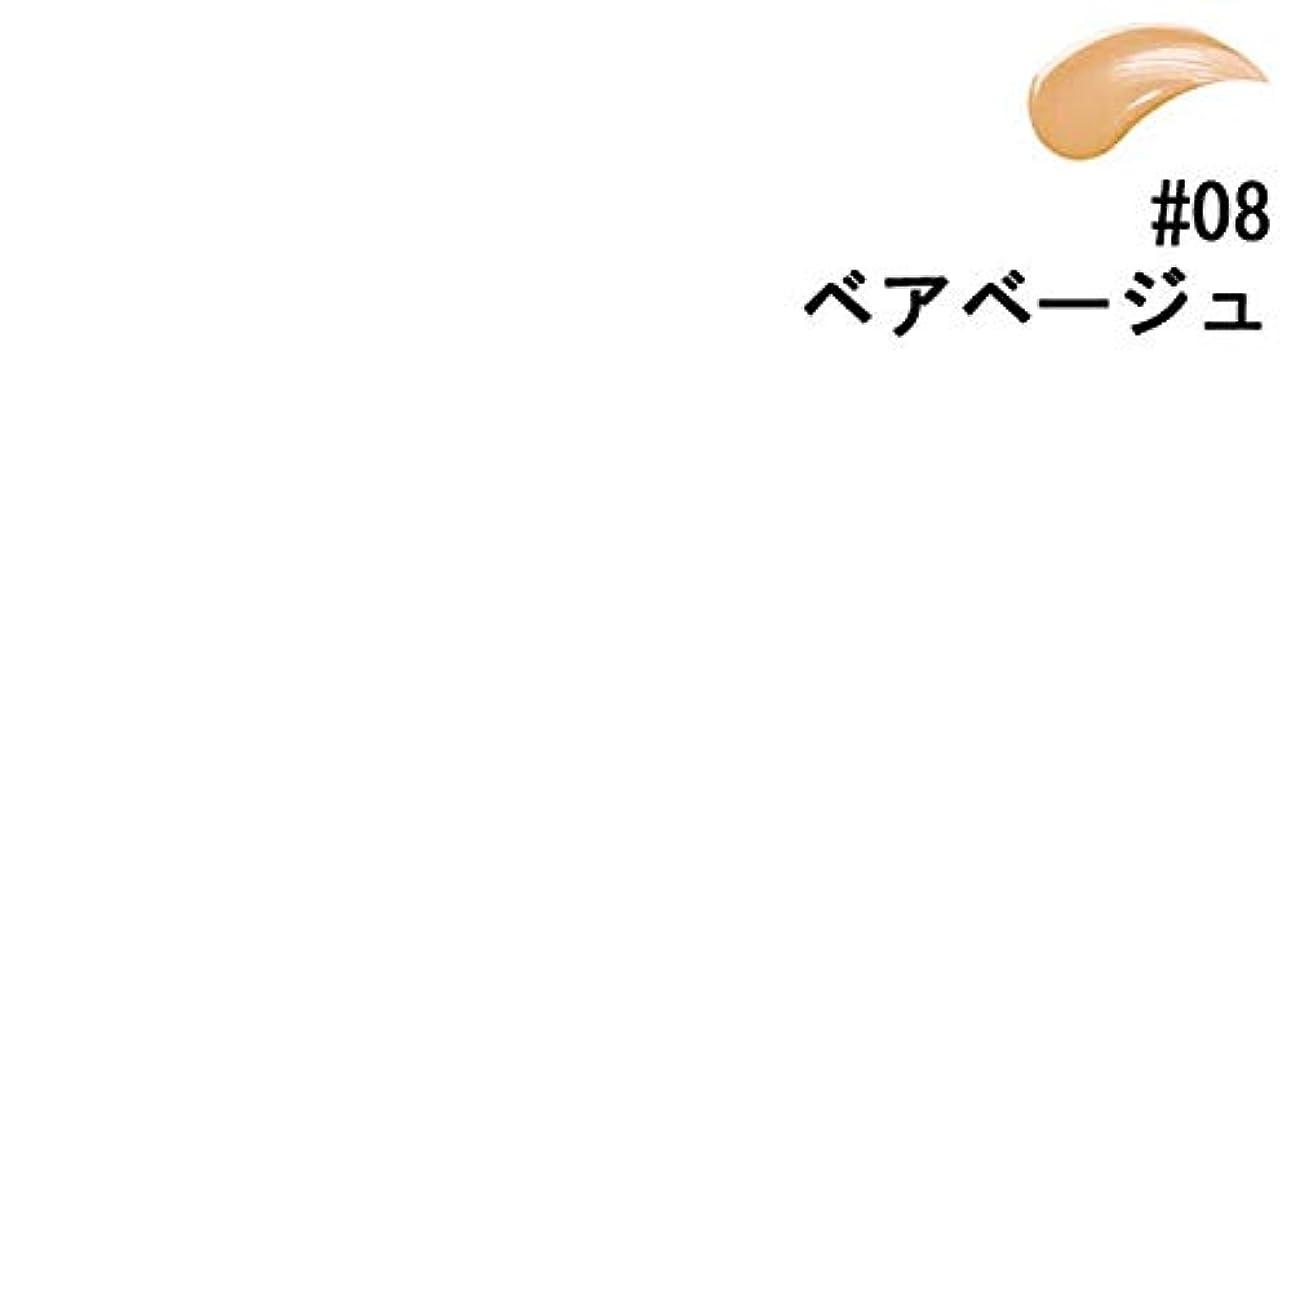 残るハチオーストラリア【ベアミネラル】ベアミネラル ベア ファンデーション #08 ベアベージュ 30ml [並行輸入品]